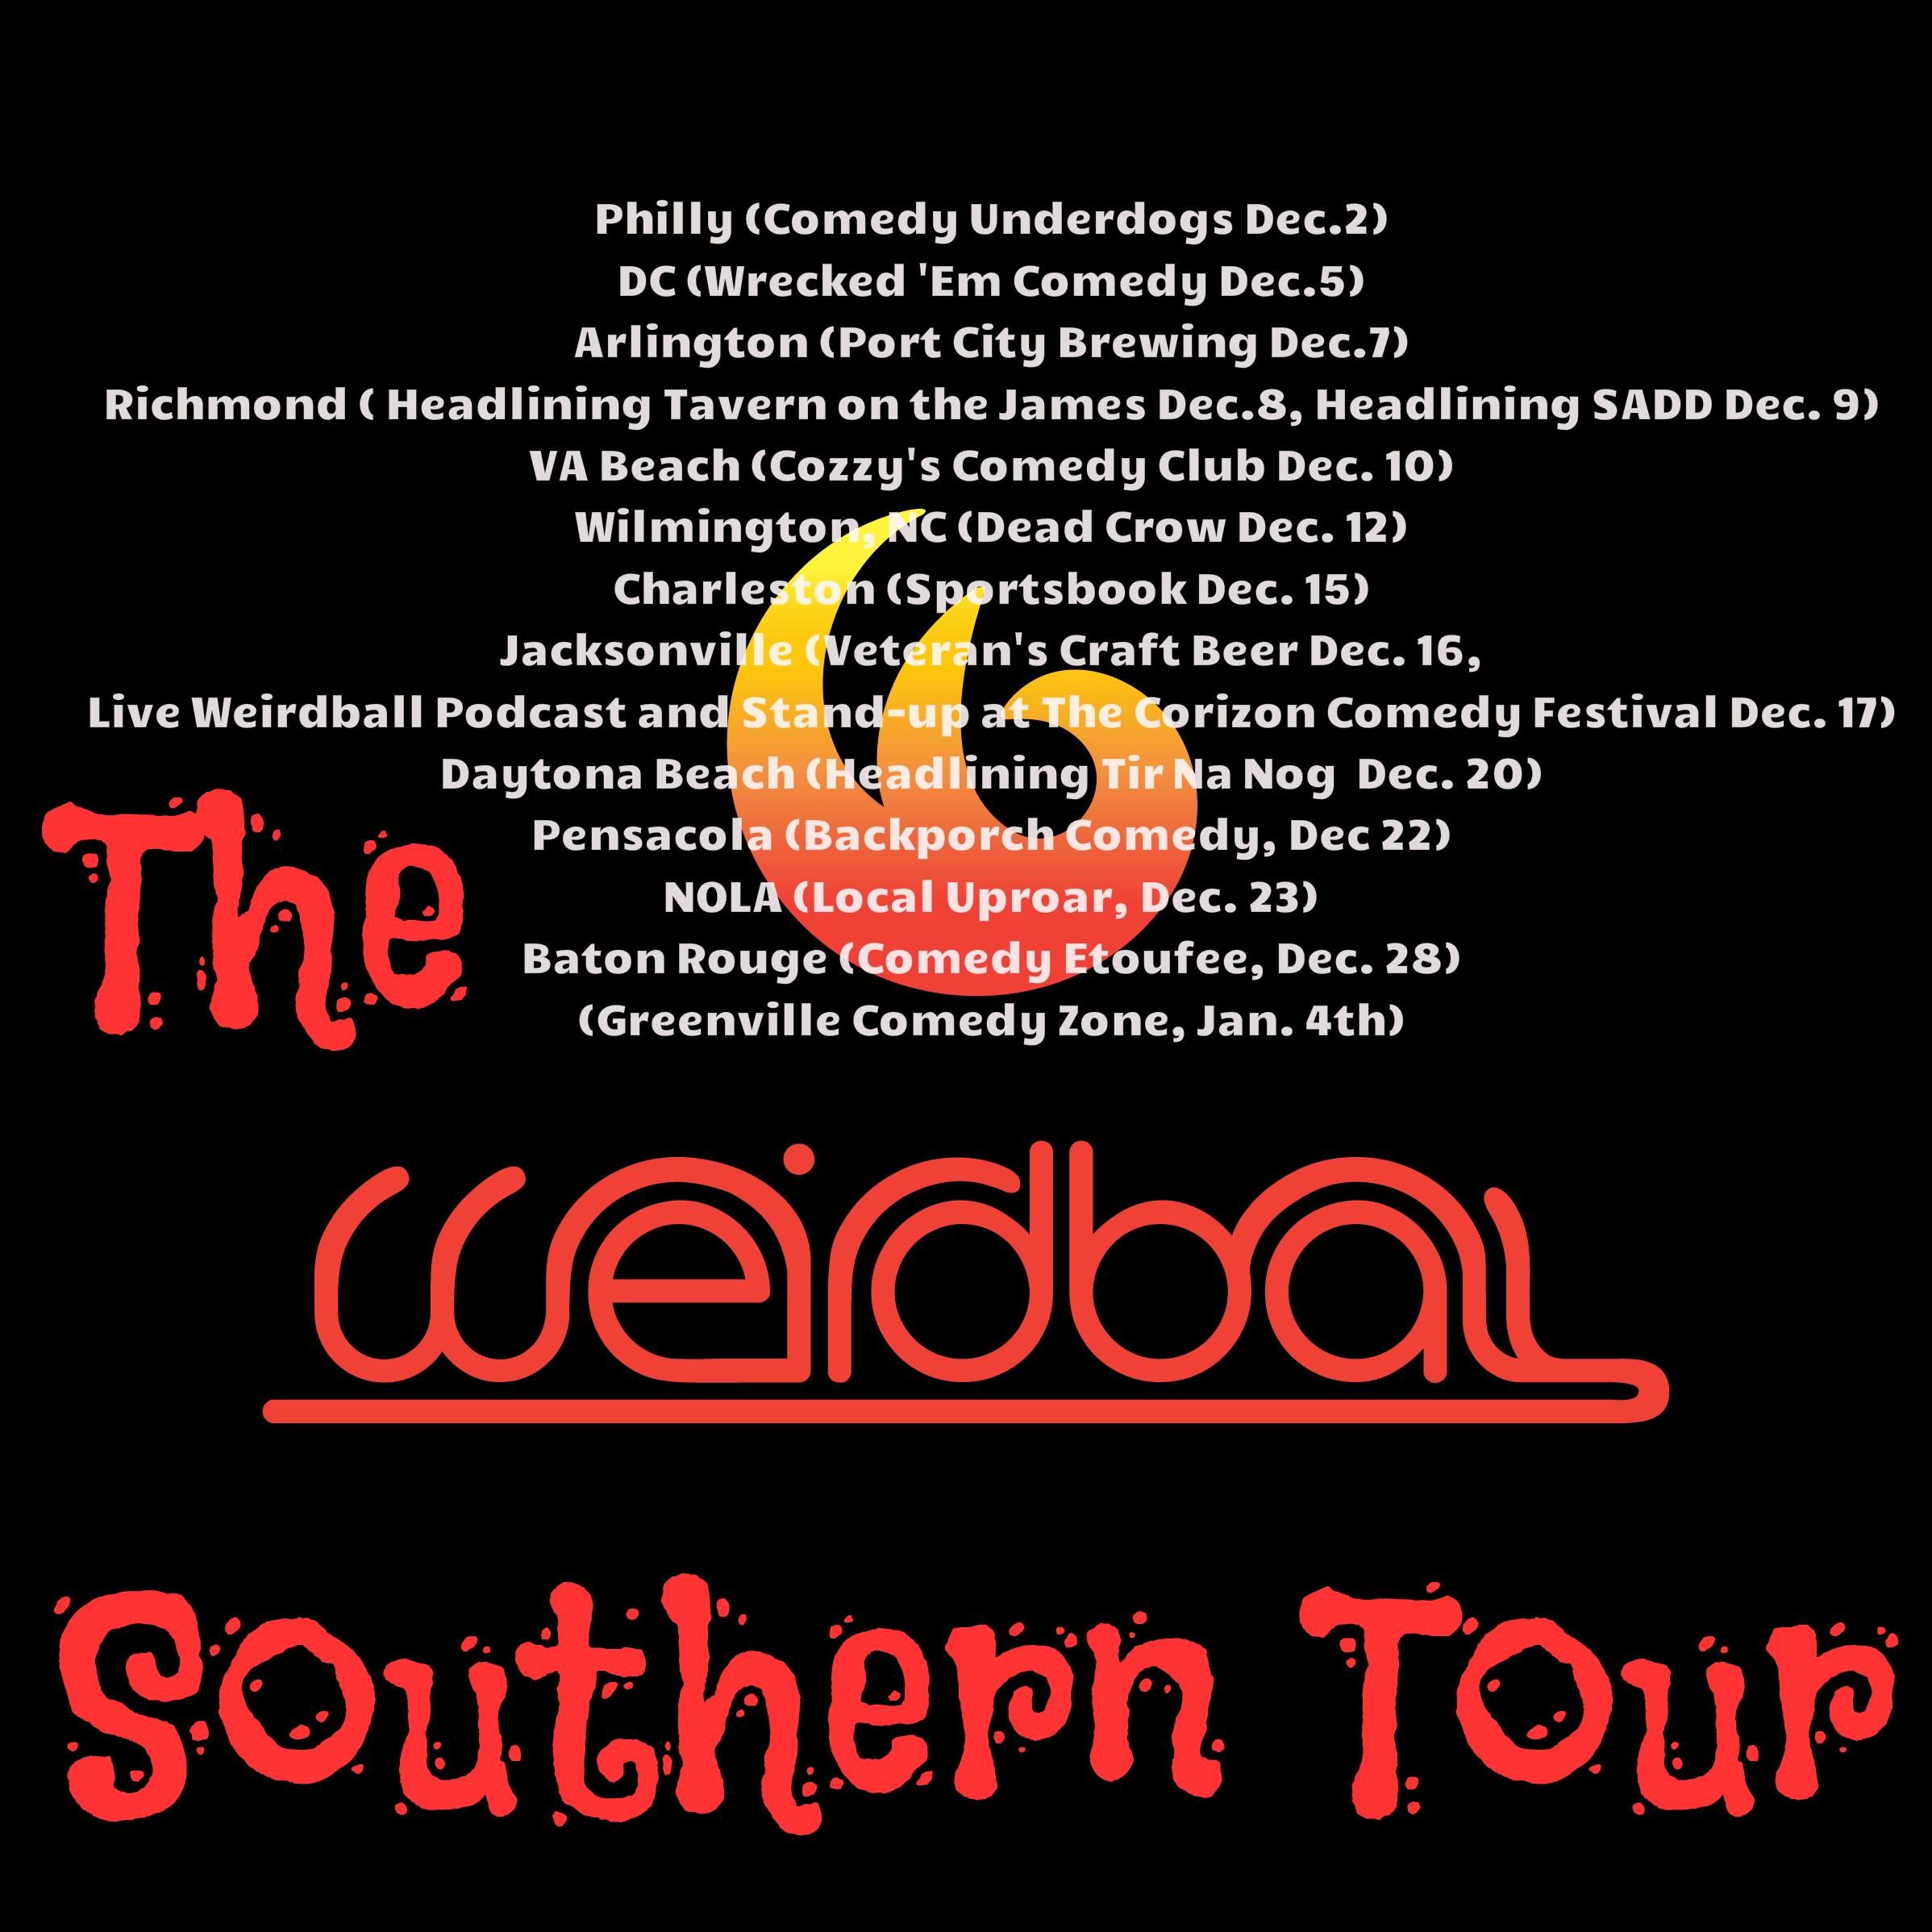 Final SouthernTour poster WB.jpg